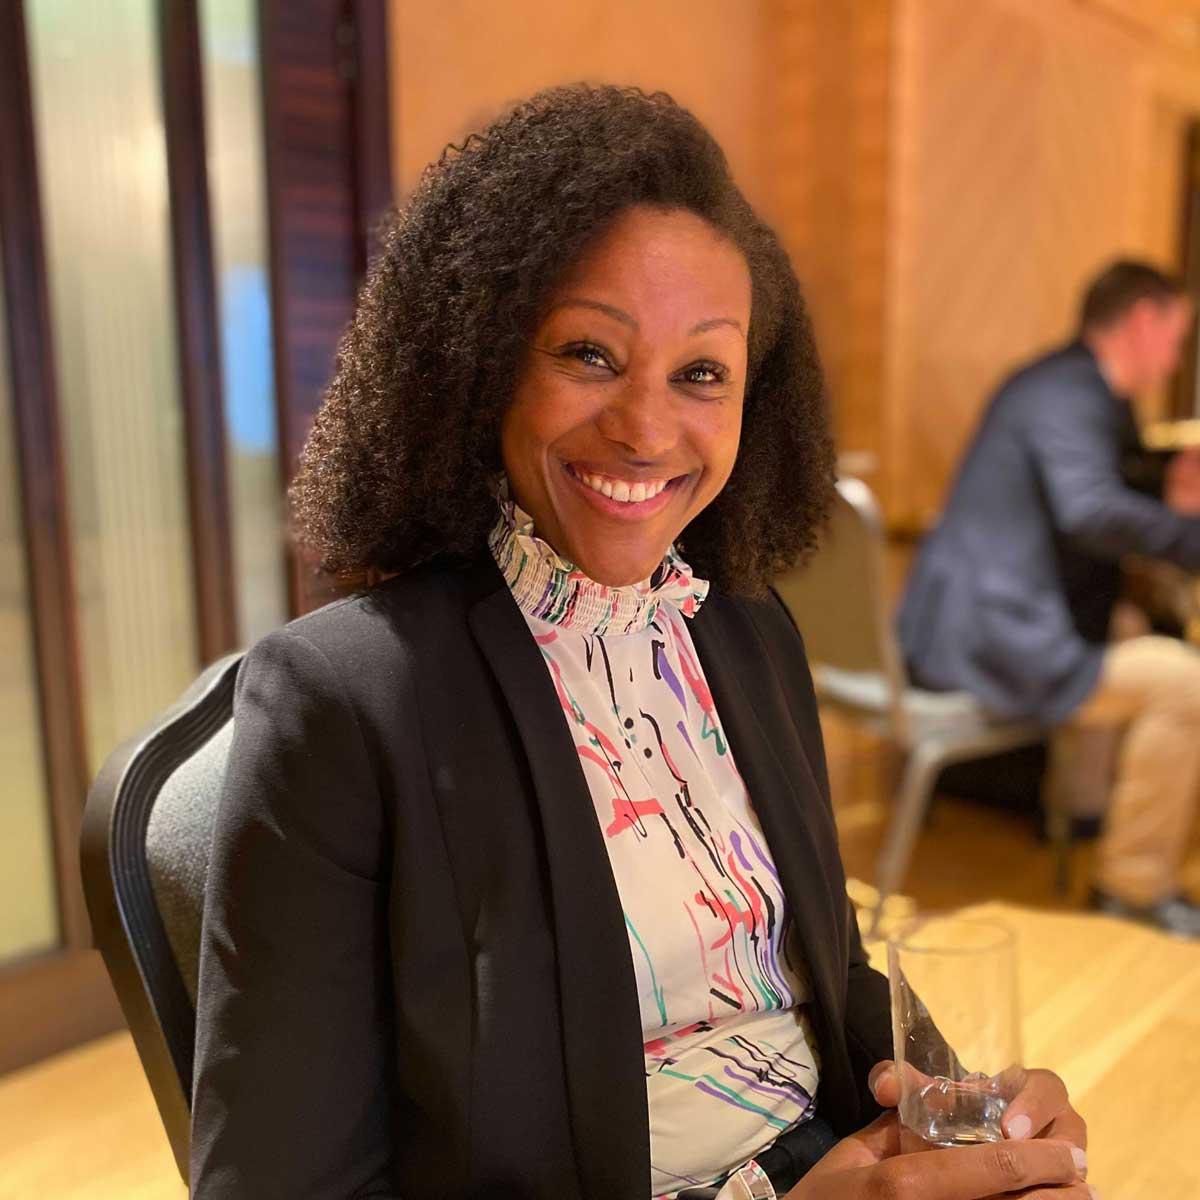 Angela-scott-golden-vines-wine-scholar-2021